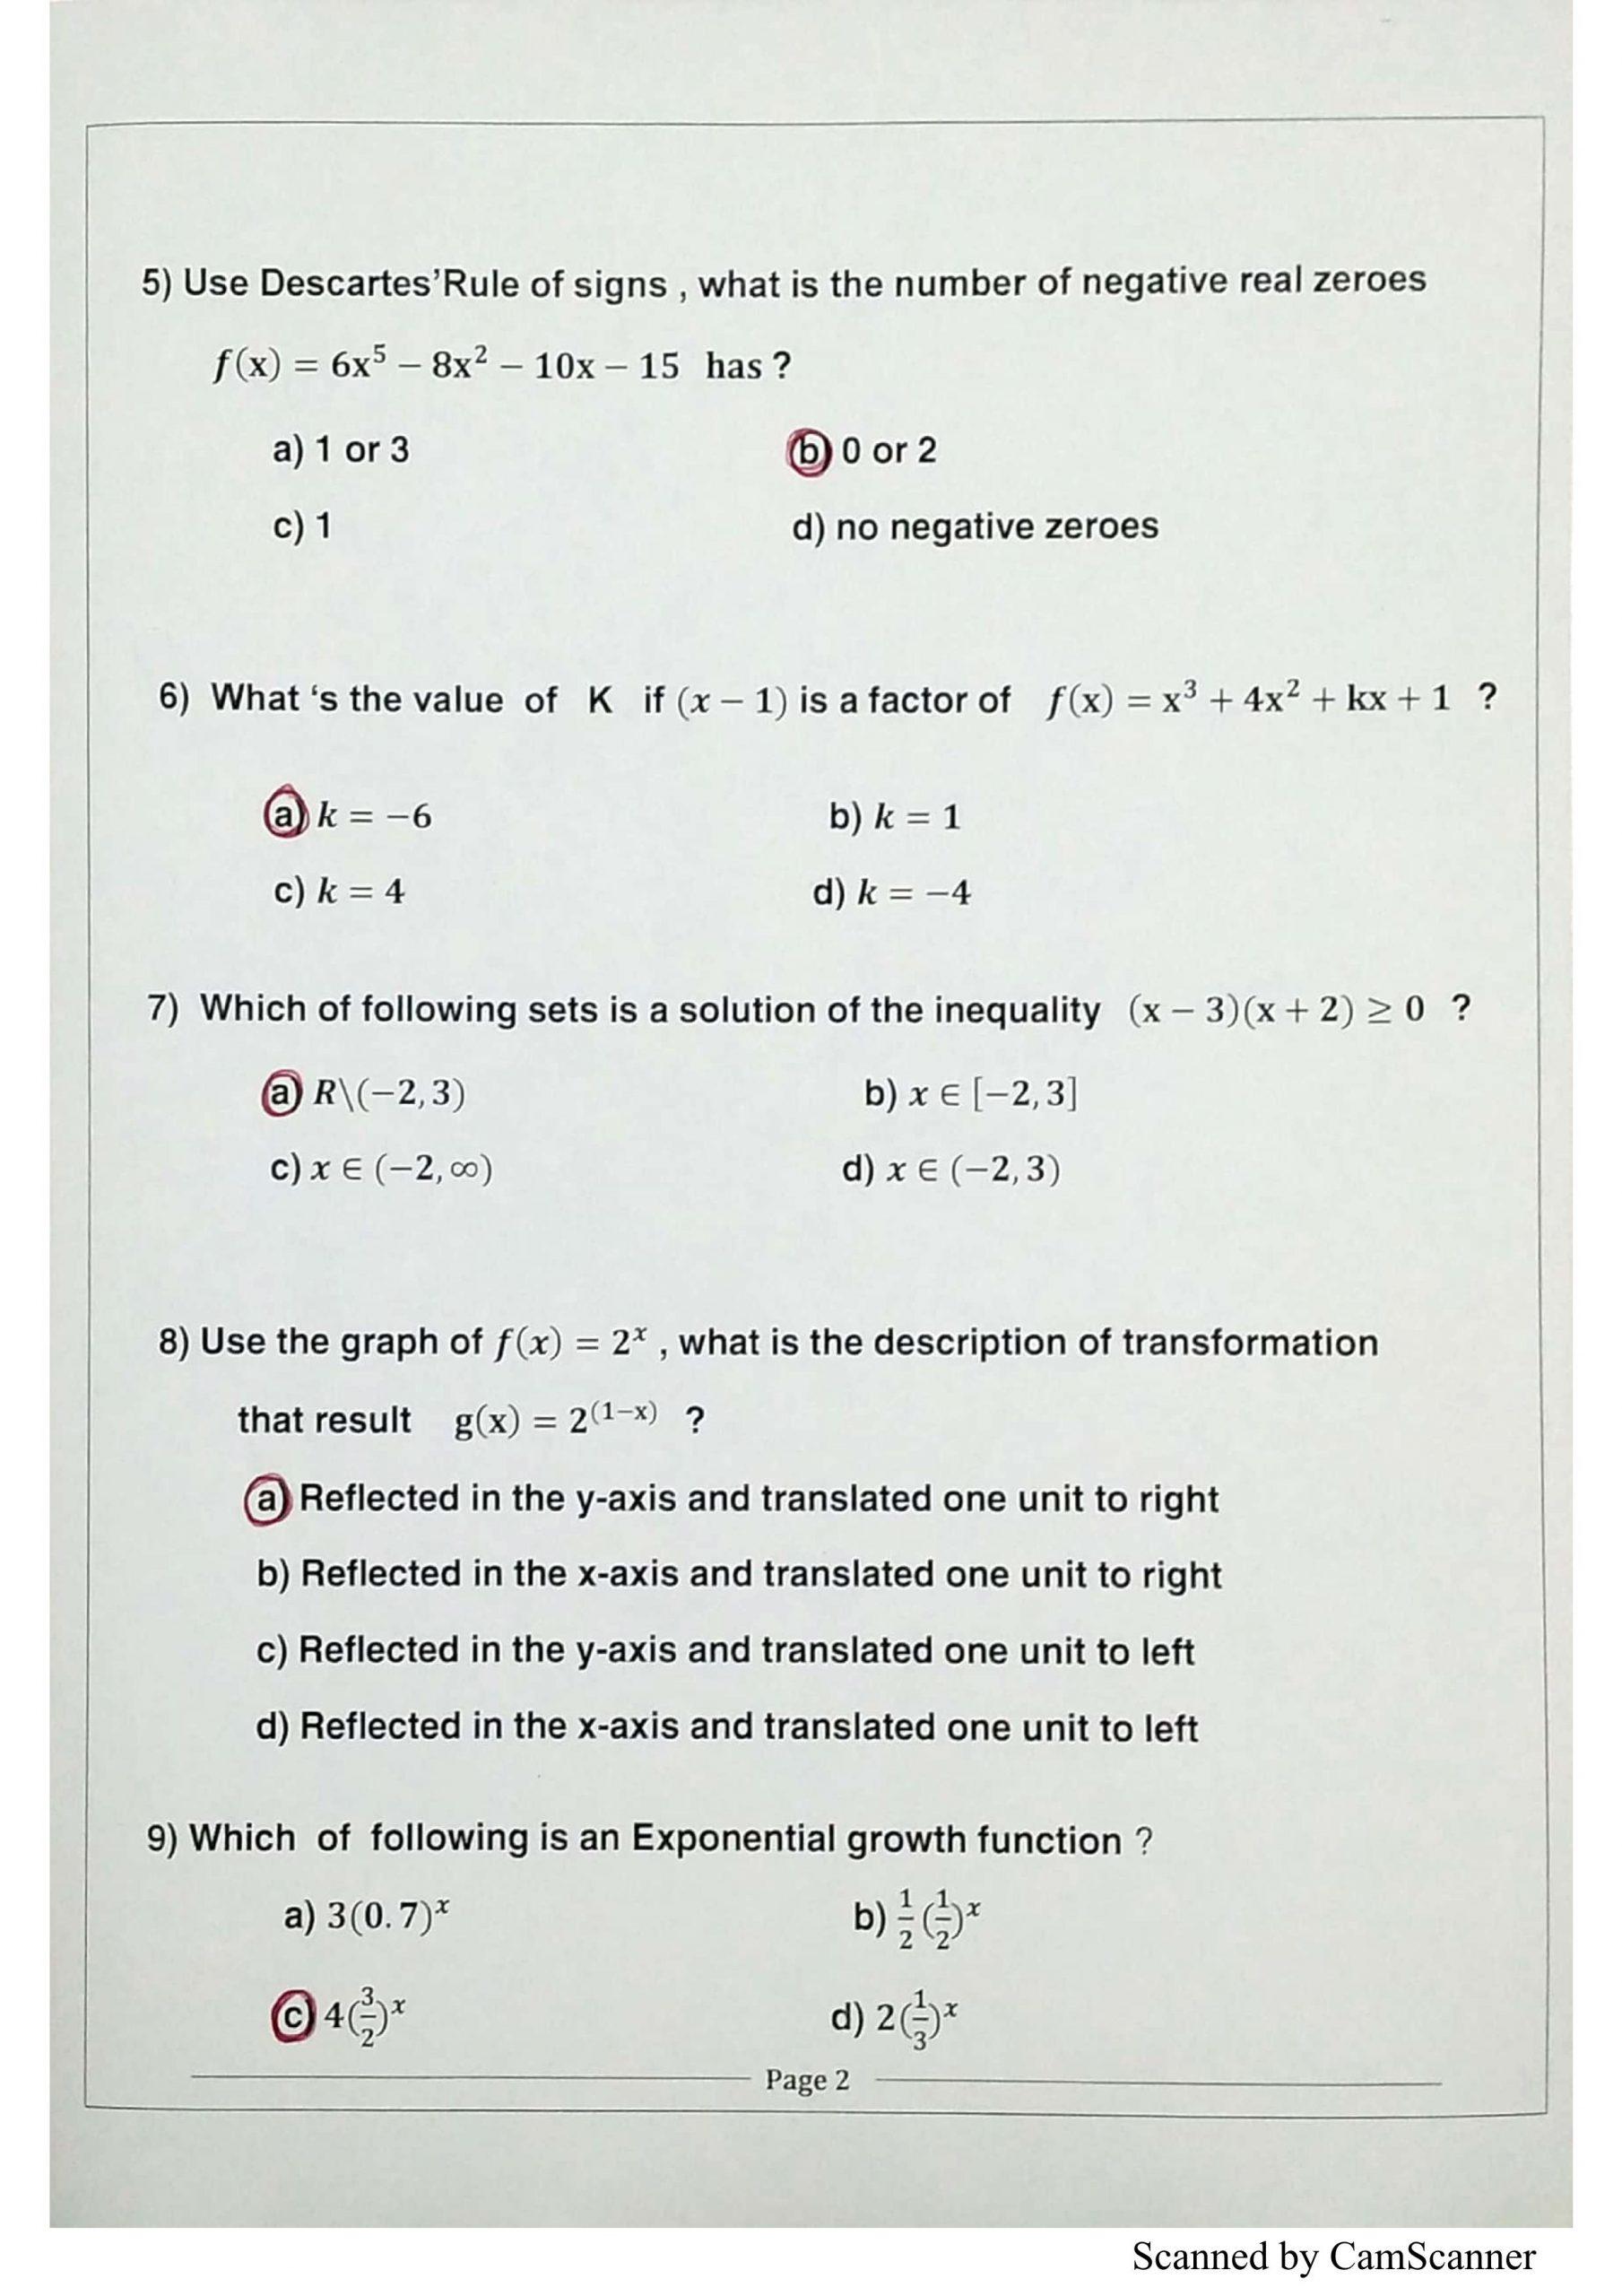 حل امتحان نهاية الفصل الدراسي الاول 2017-2018 بالانجليزي الصف الحادي عشر متقدم مادة الرياضيات المتكاملة